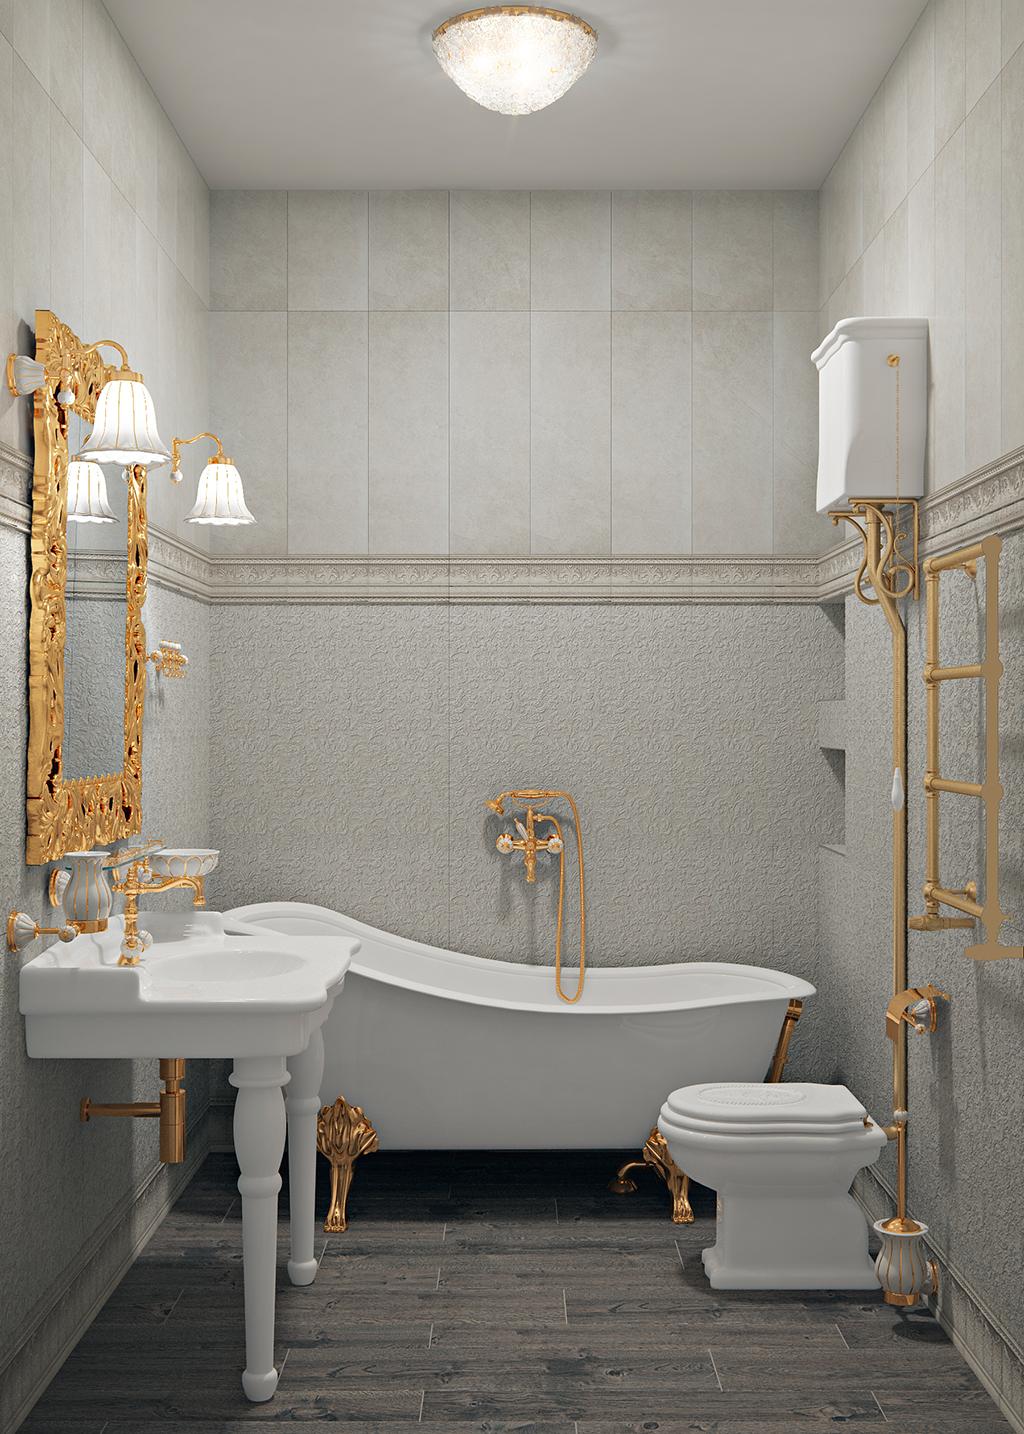 Bathroom 001 - Интерьеры